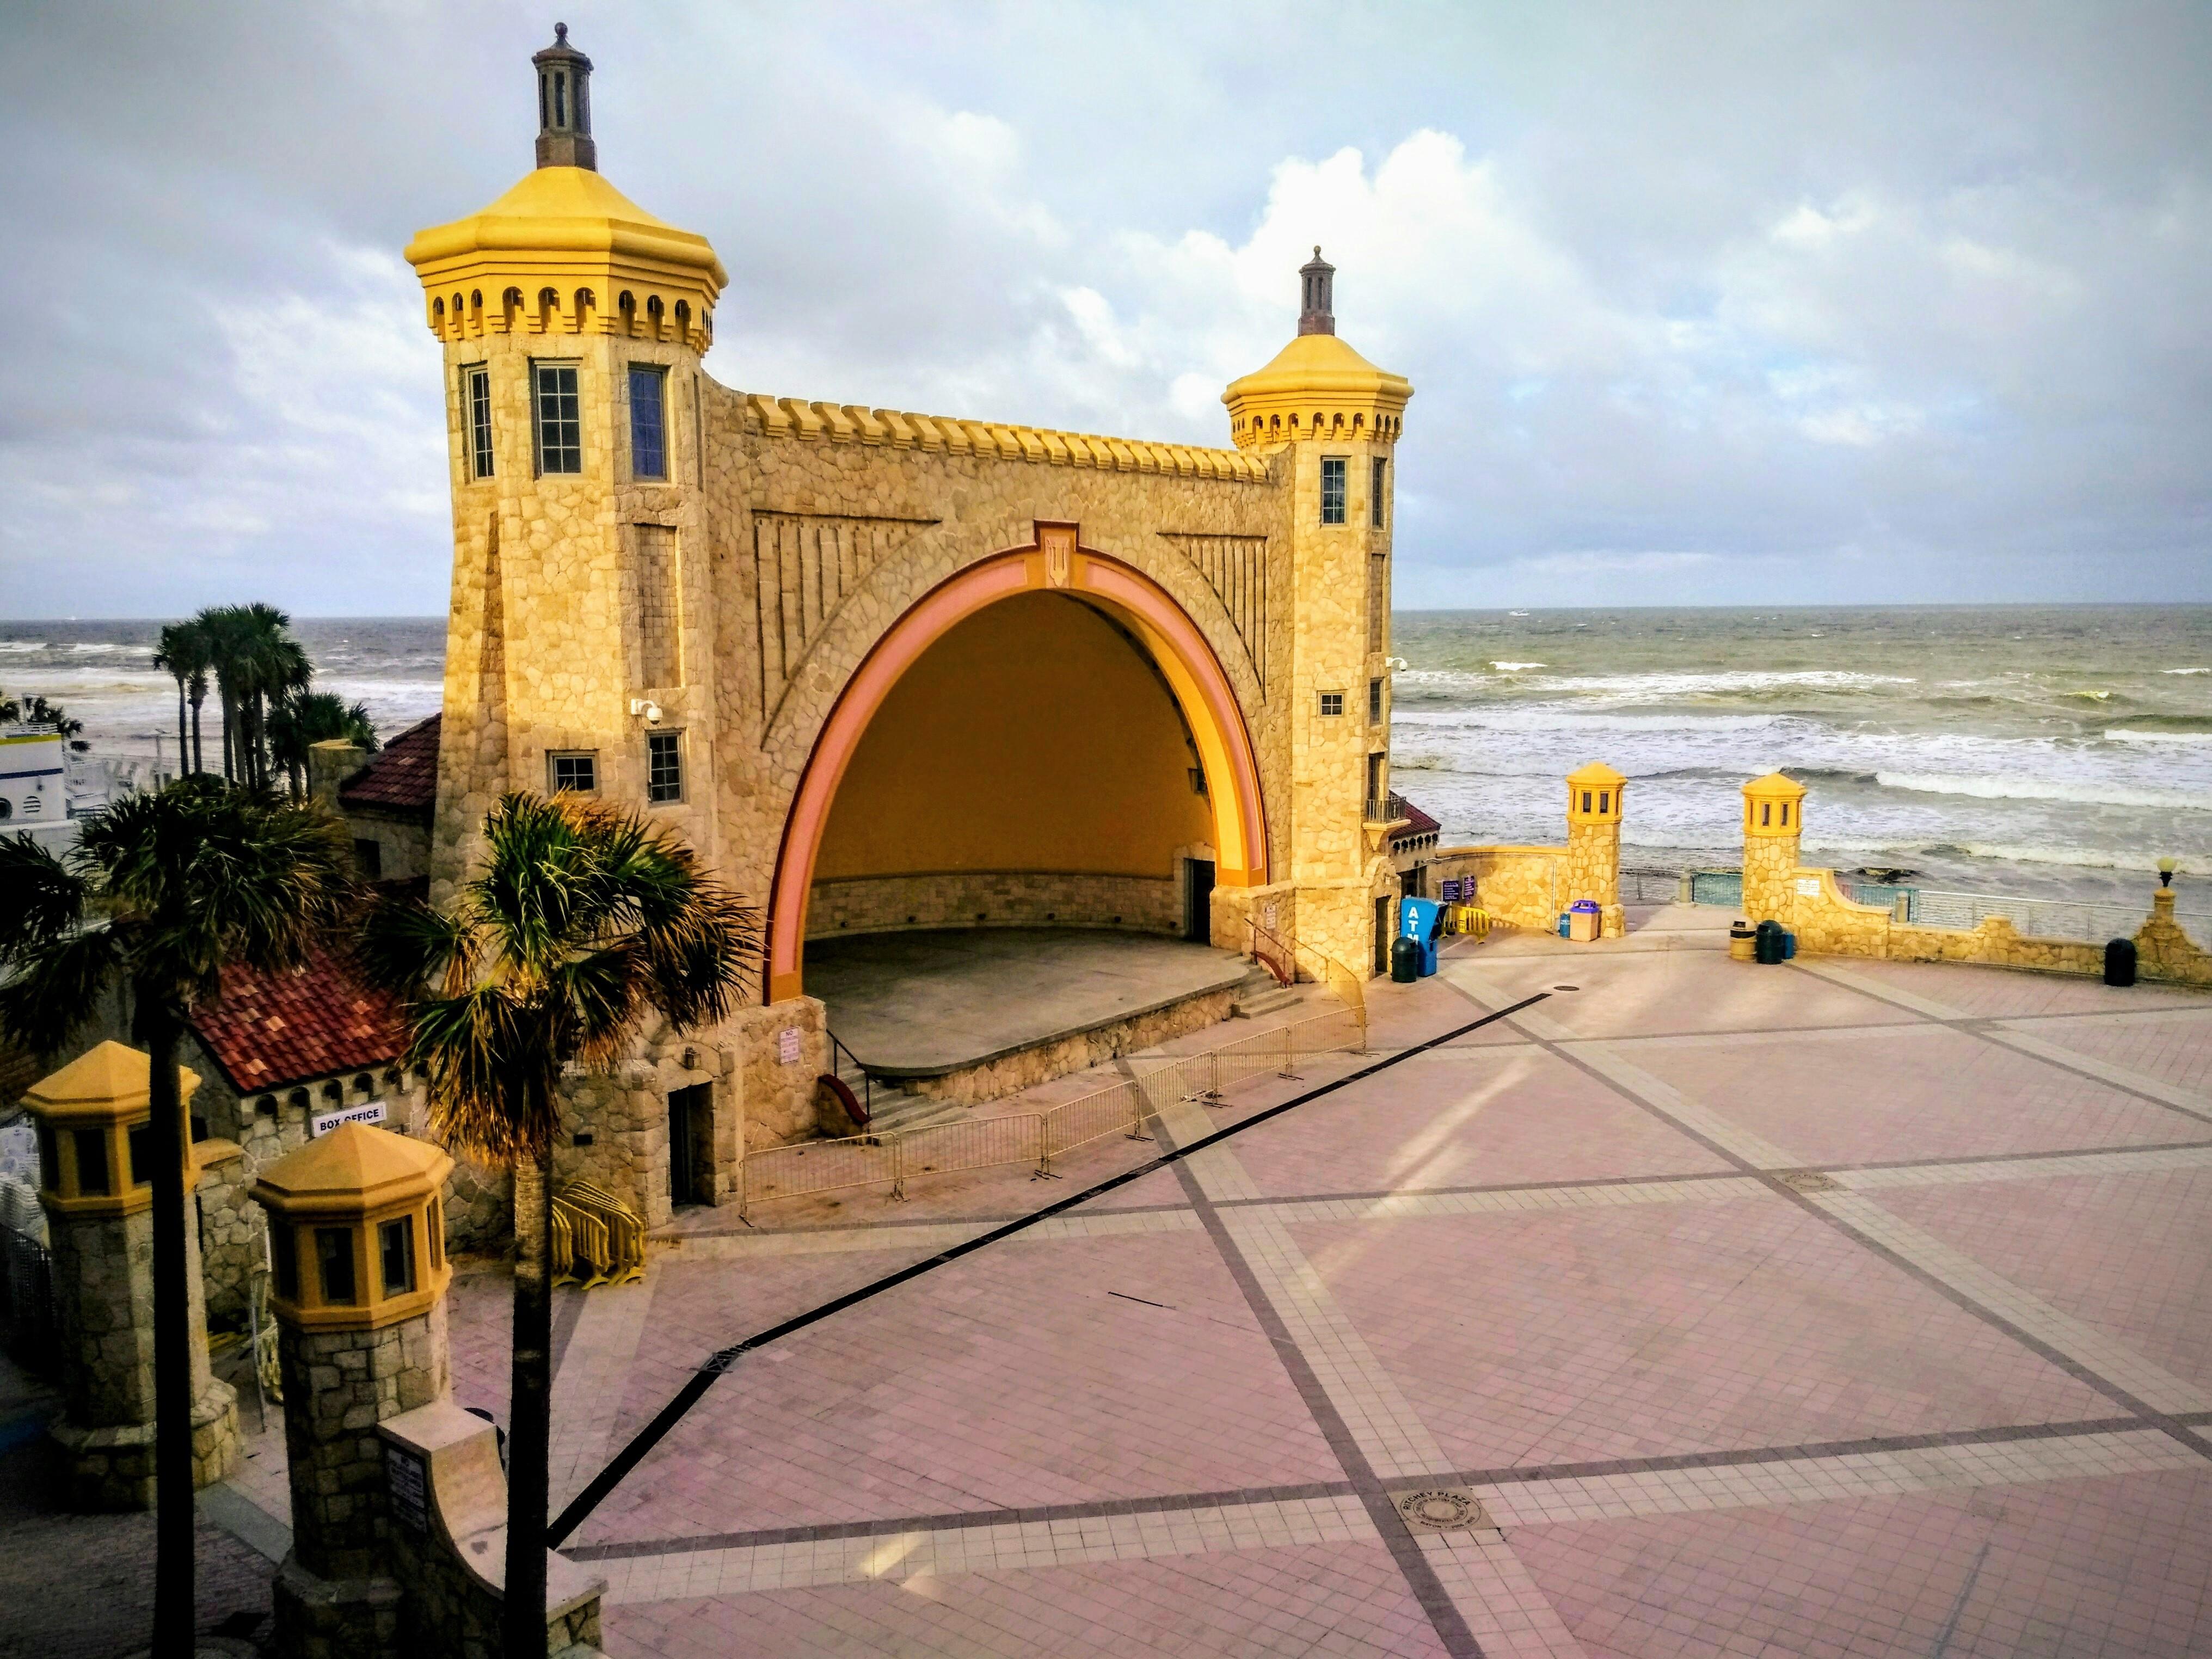 File:Daytona Beach Band Shell view from southwest.jpg - Wikimedia Commons